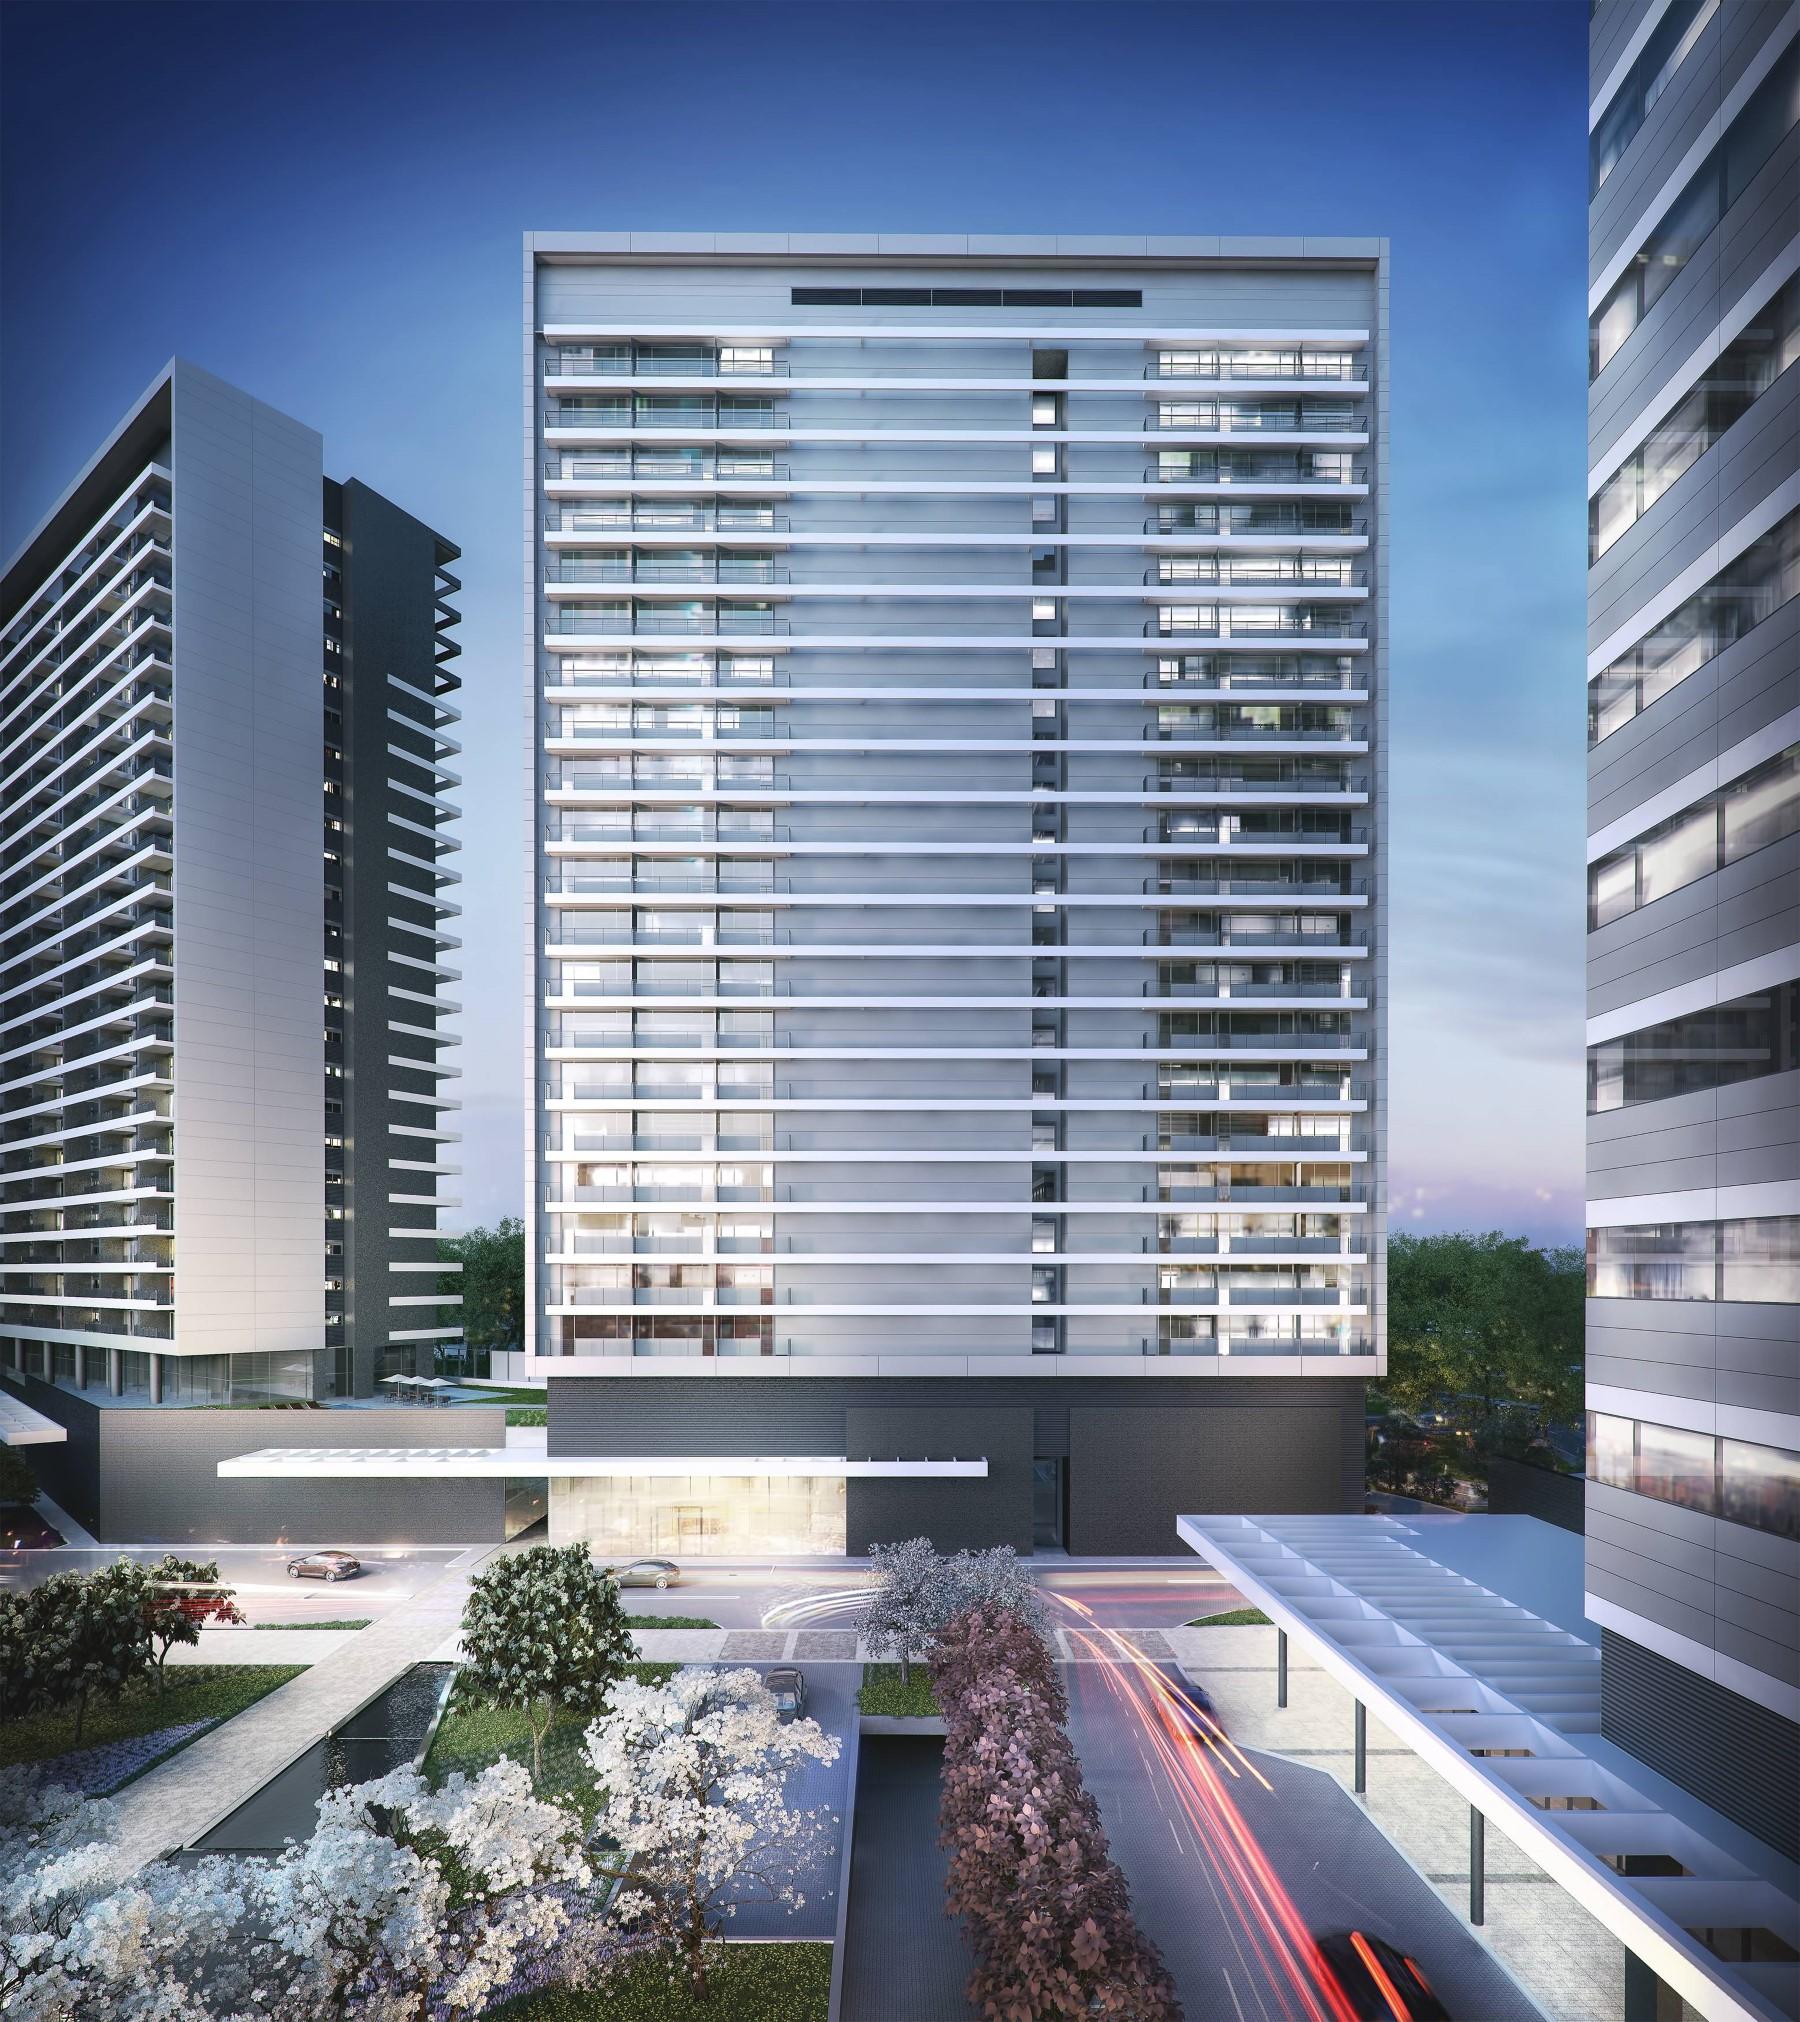 Conjunto Comercial - Avenida Marquês de São Vicente - Jardim das Perdizes - São Paulo - 97146